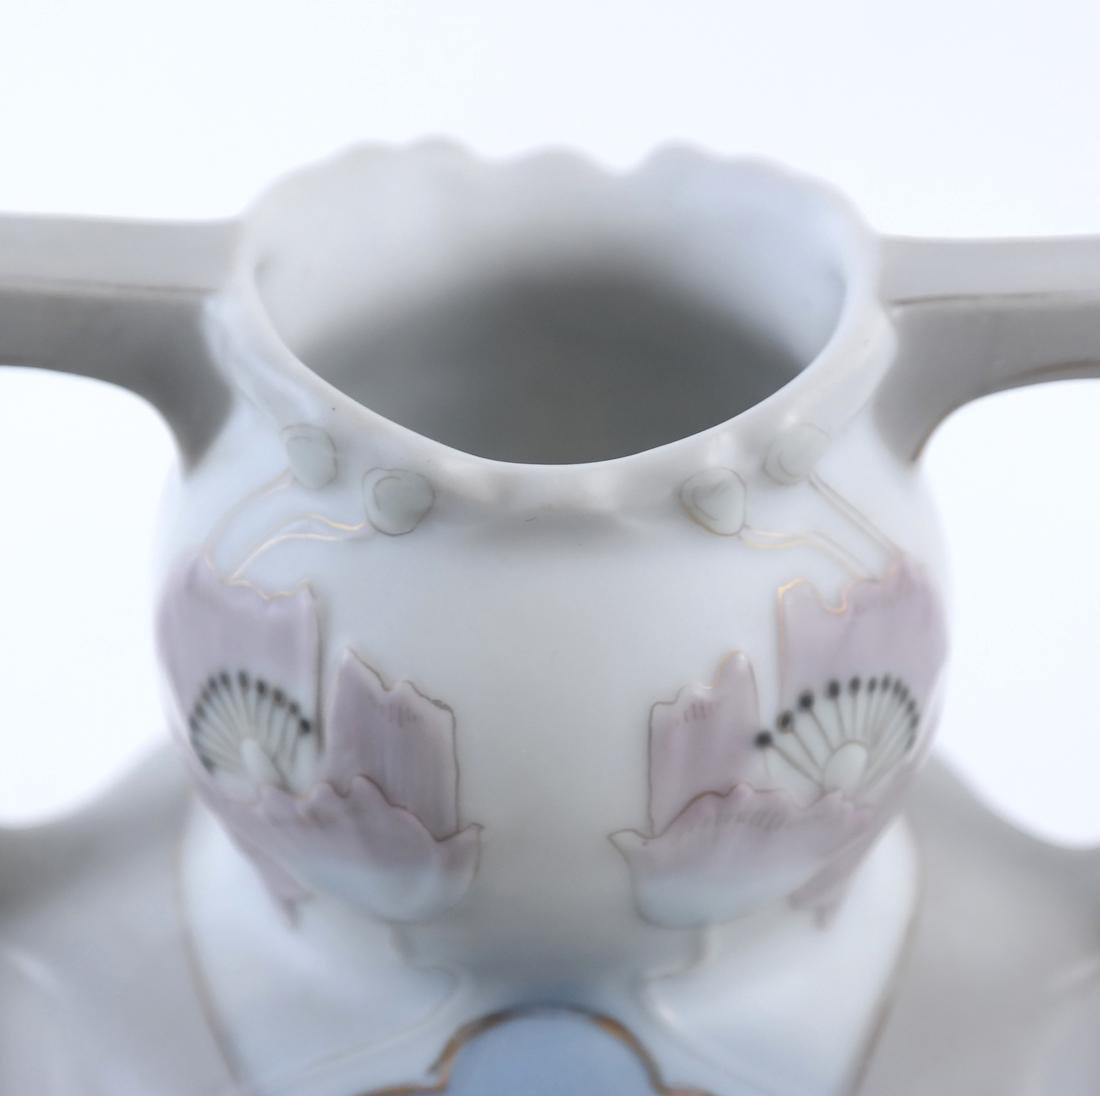 German Art Nouveau 2-Handled Vase - 4